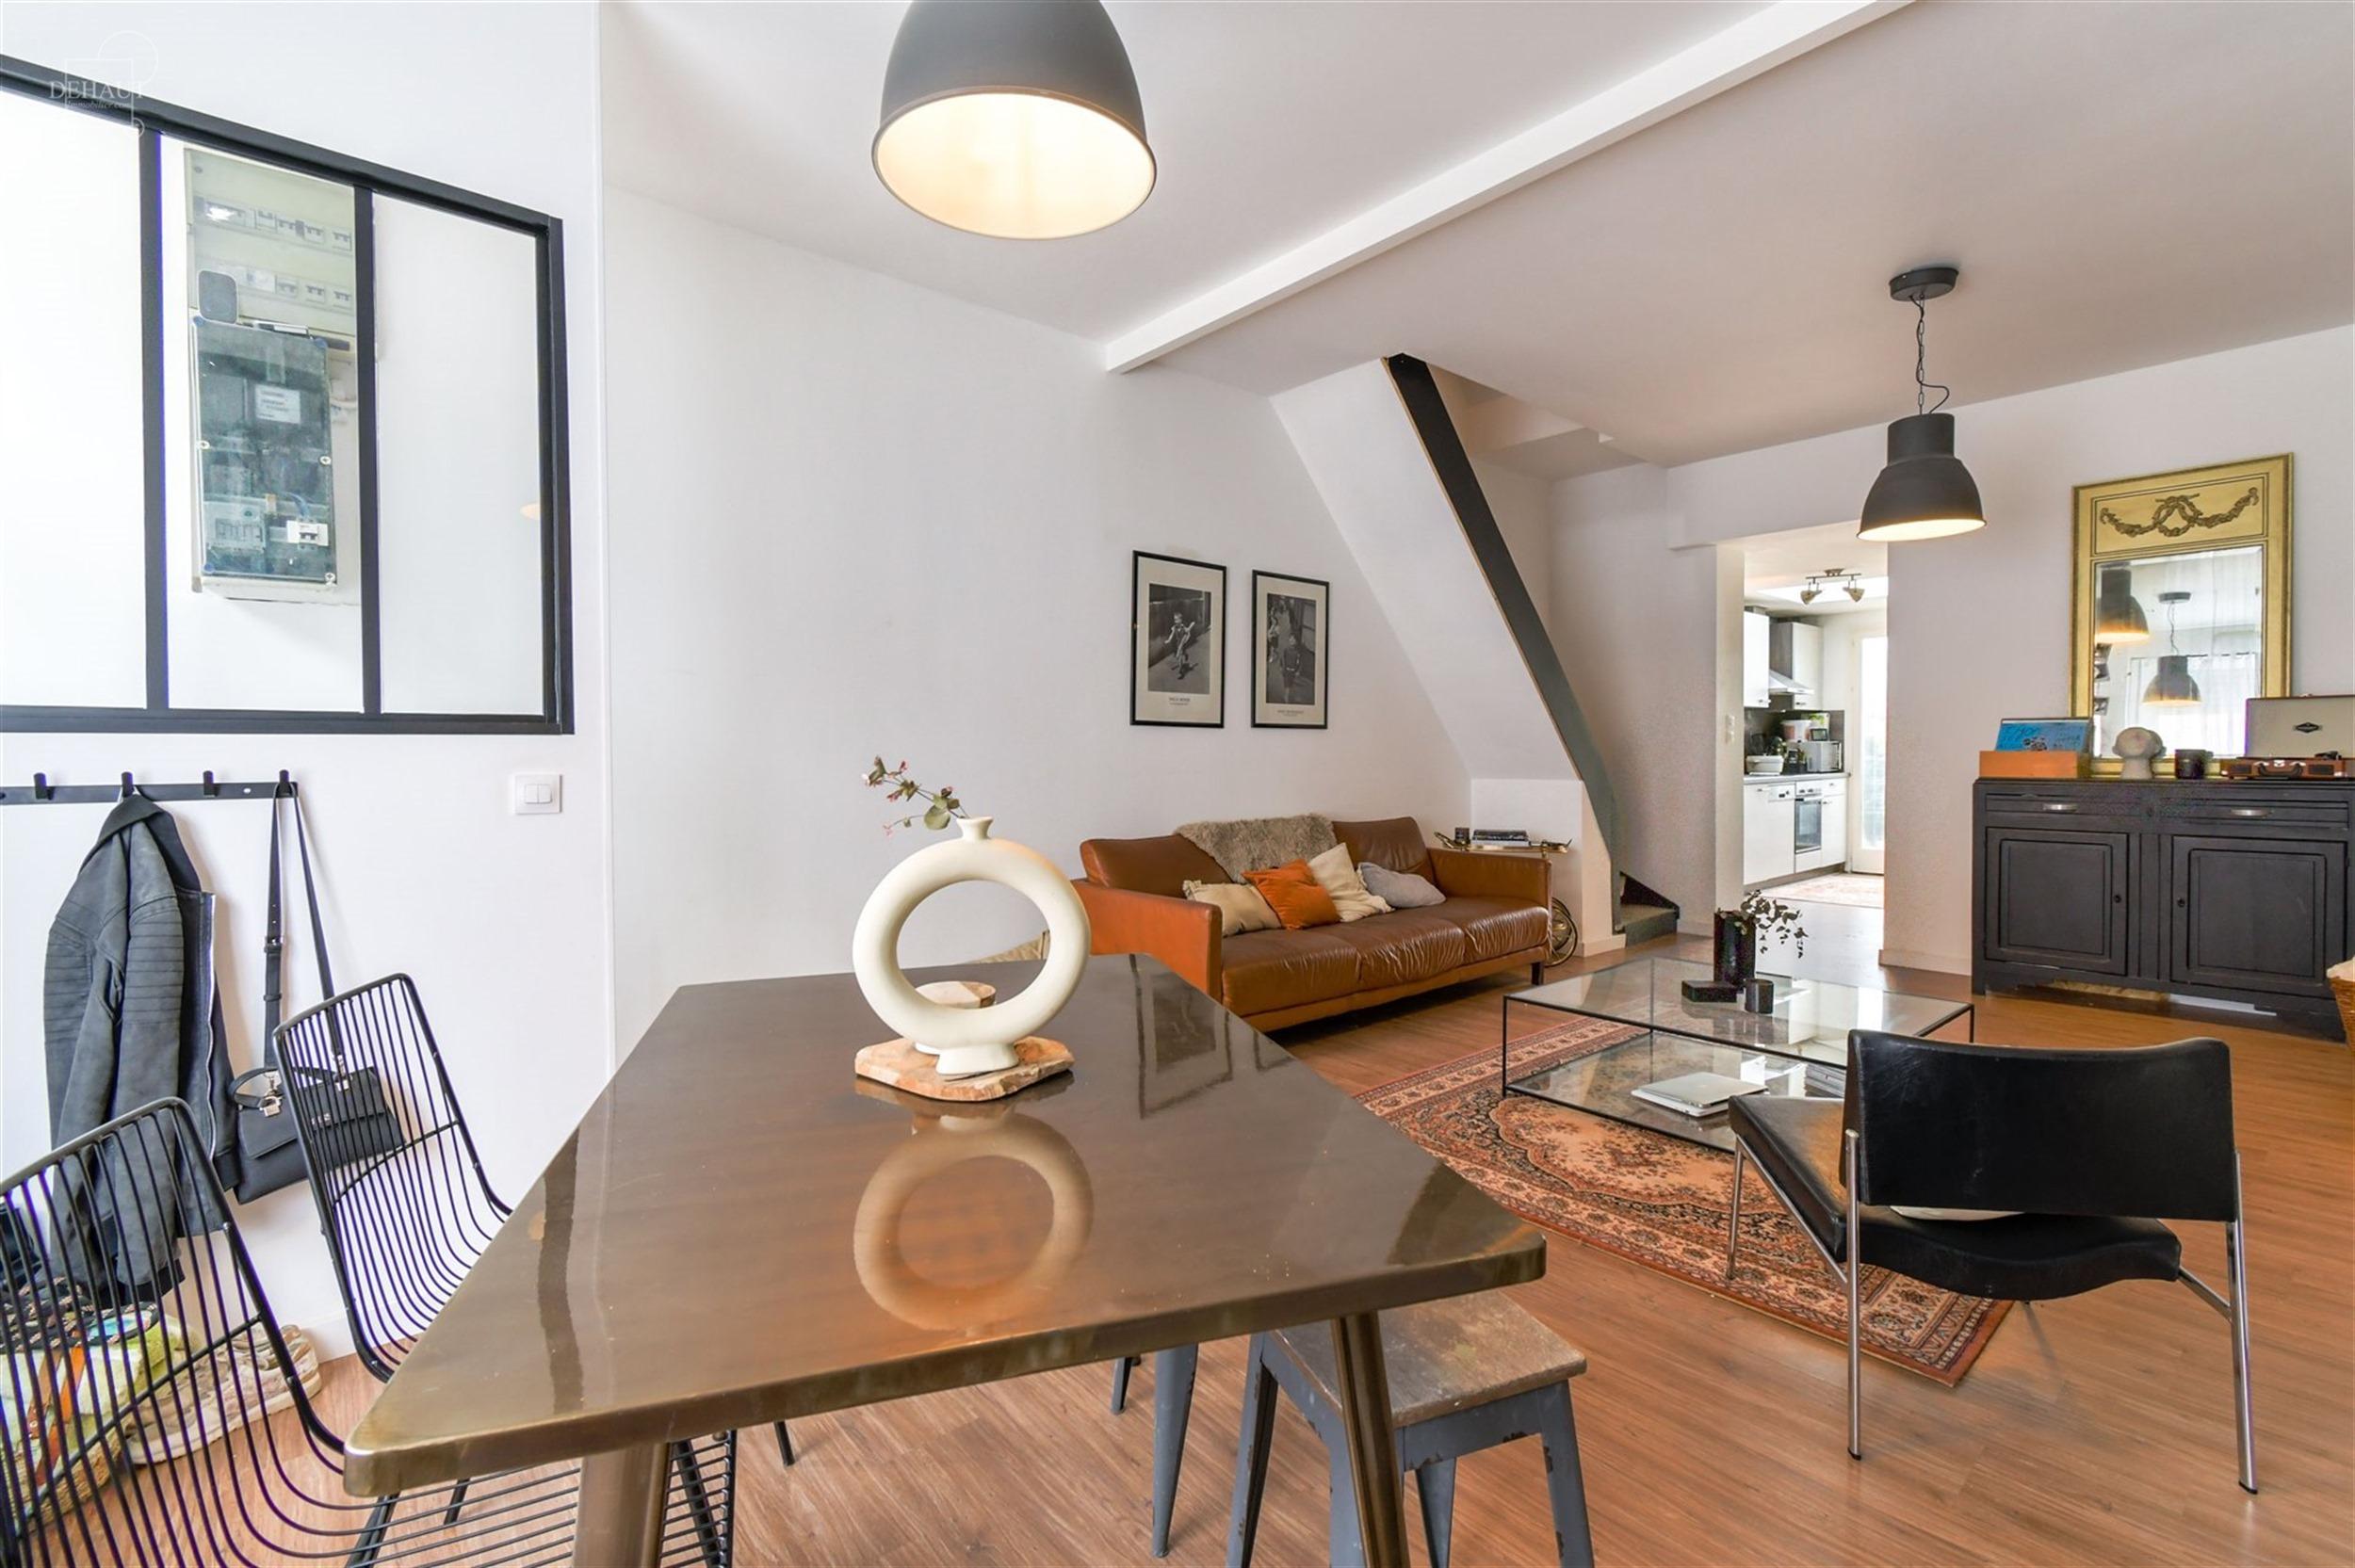 Agréable maison de ville avec terrasse carrelée proposant un superbe salon d'env. 28.70m², une cuisine équipée, un WC indépendant et une salle d...